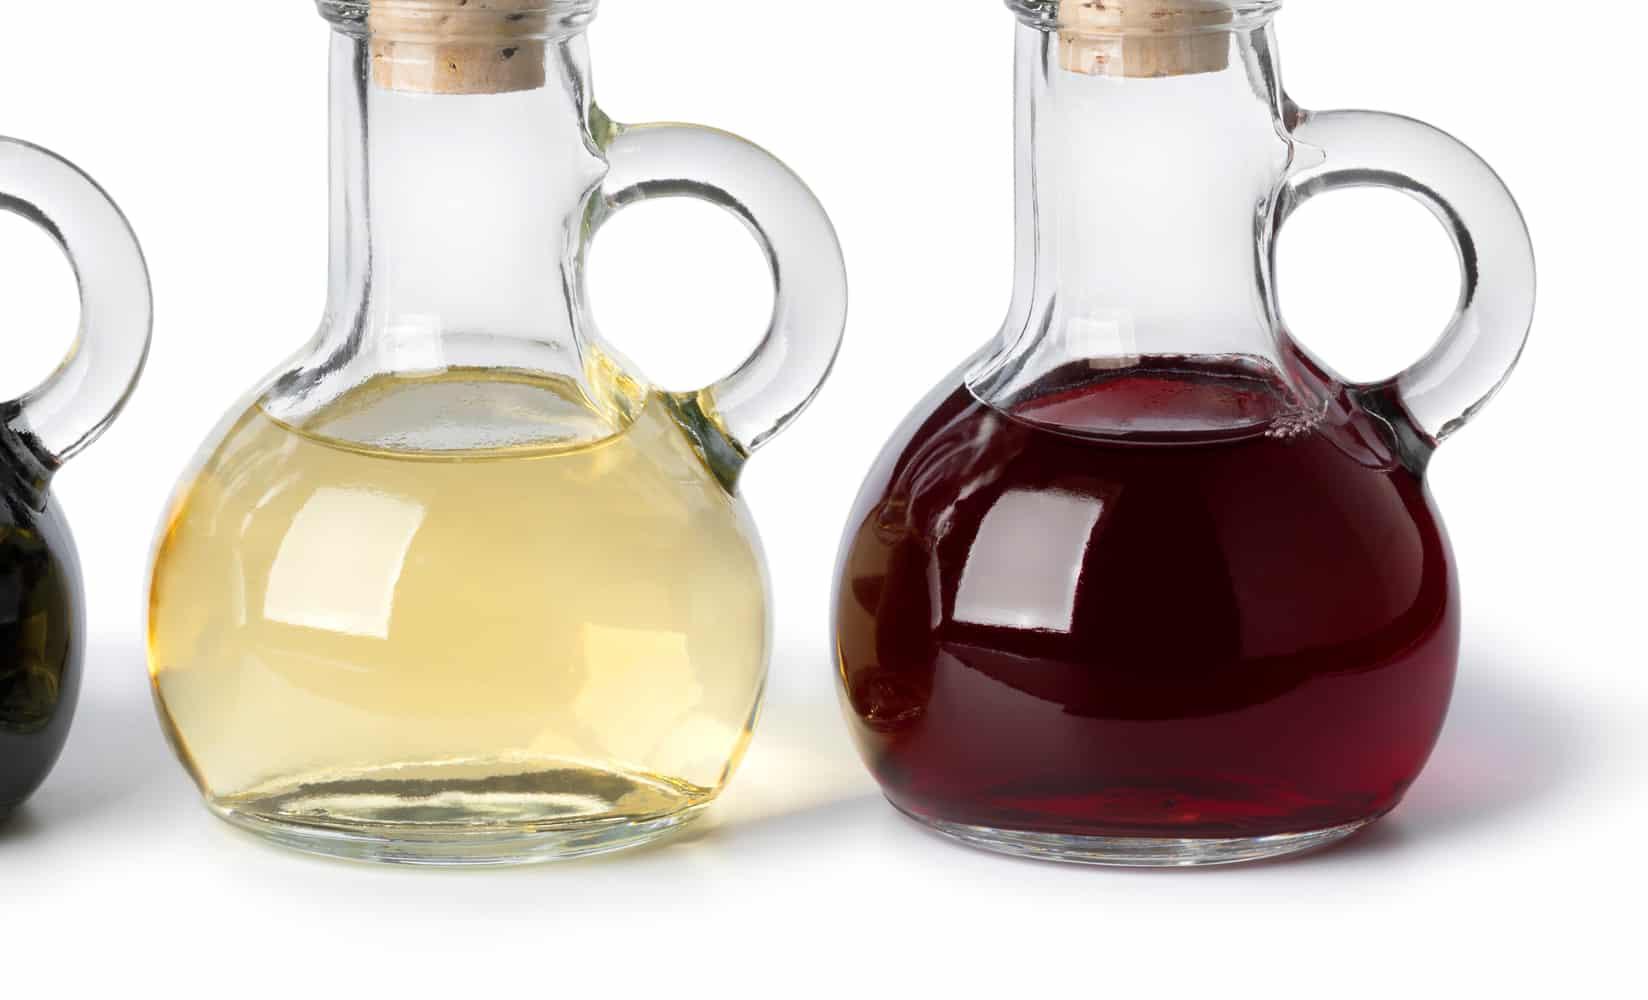 Red Wine Vinegar Vs. White Wine Vinegar